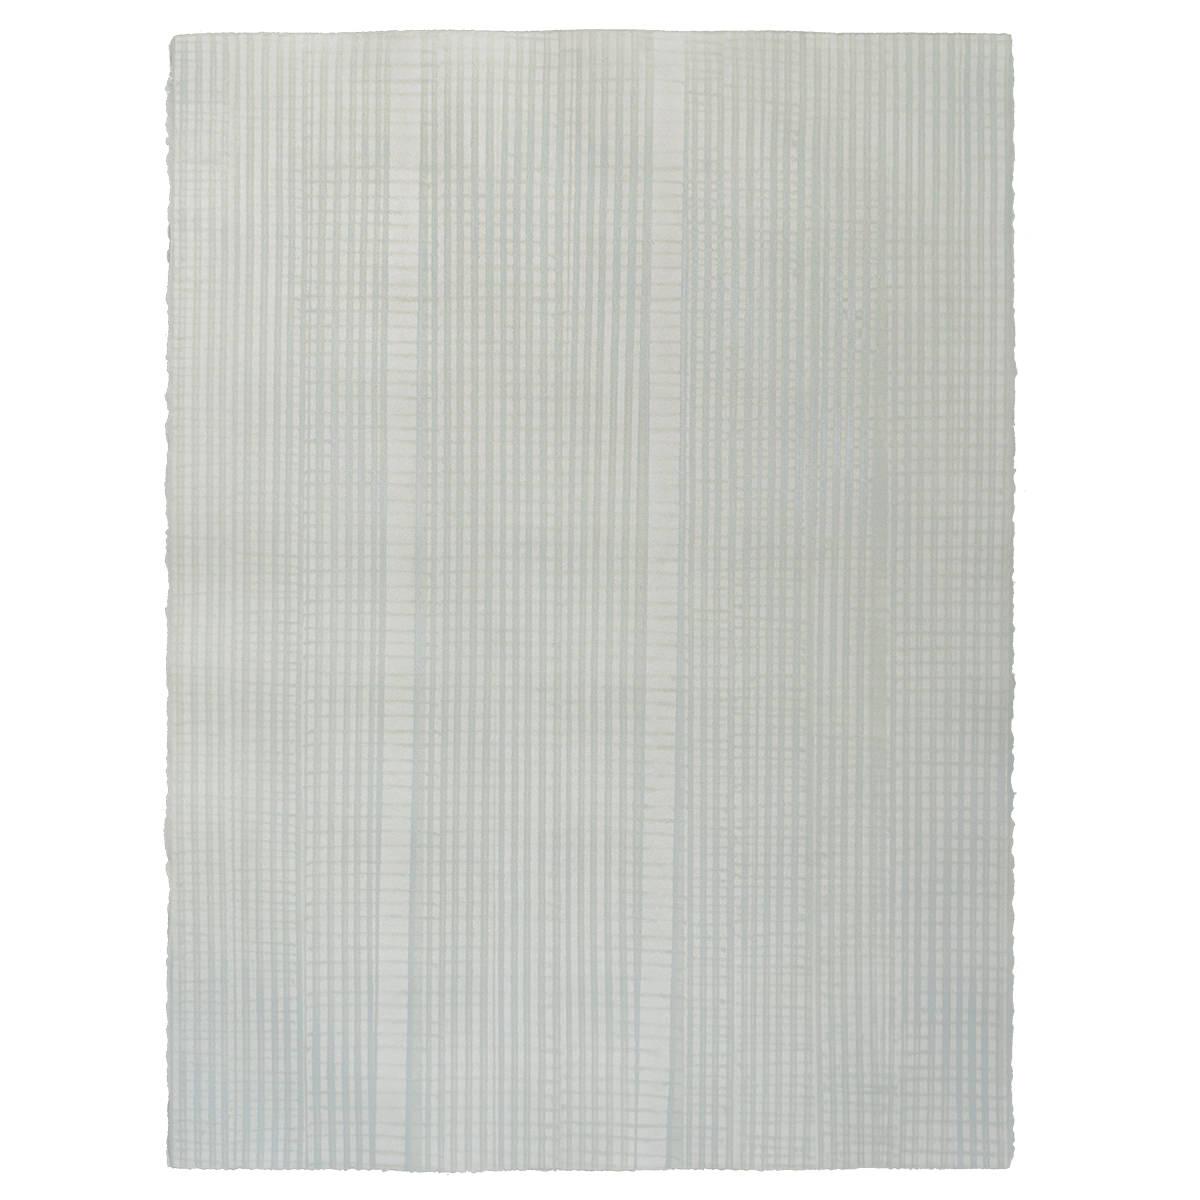 Handpainted Wallpaper Panels Traveler Sarah Ruby Handpainted Wallpaper Artisan Decor